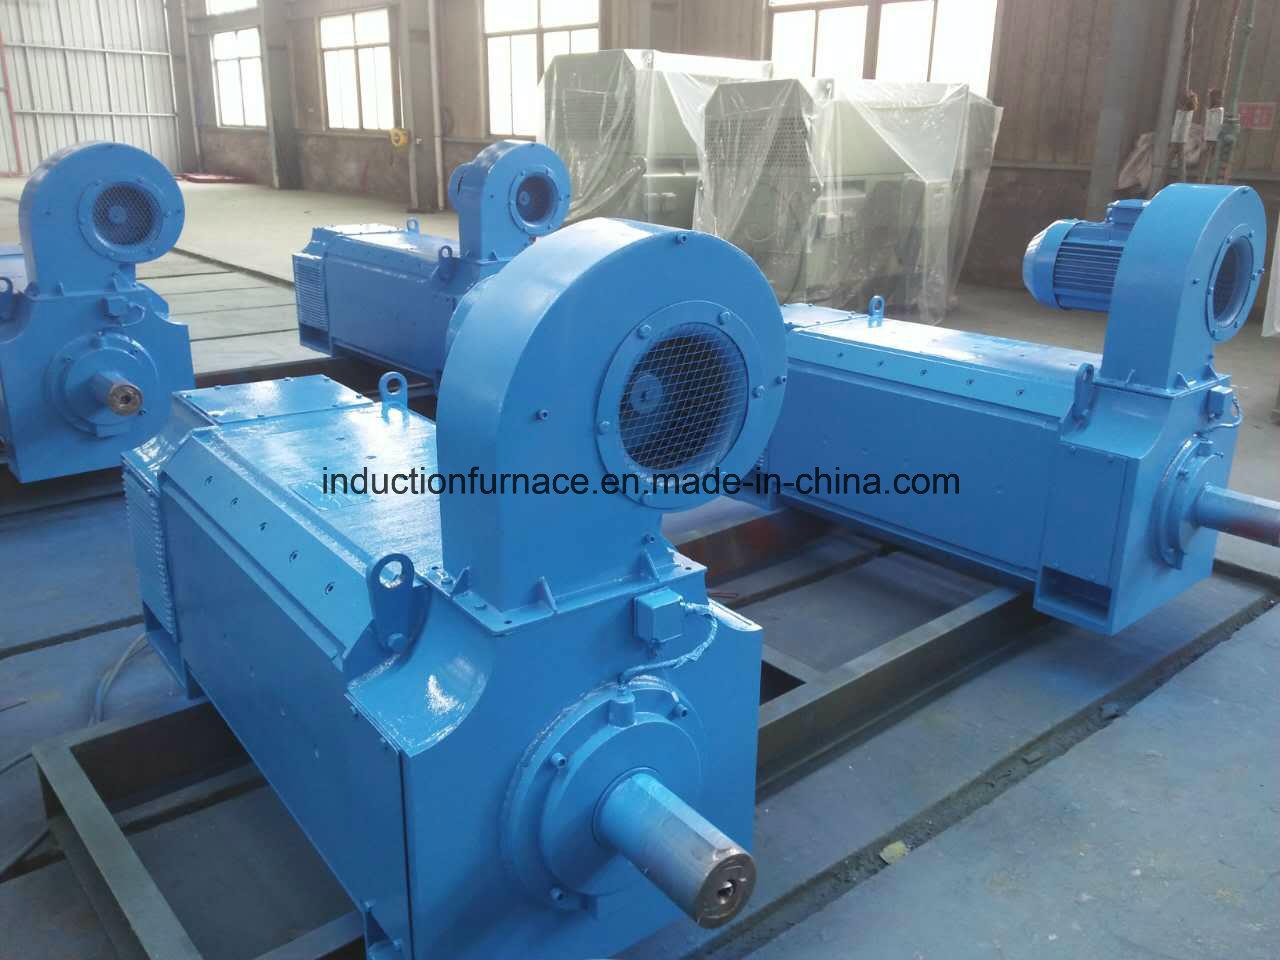 Industrial Heavy Duty Electric DC Motor